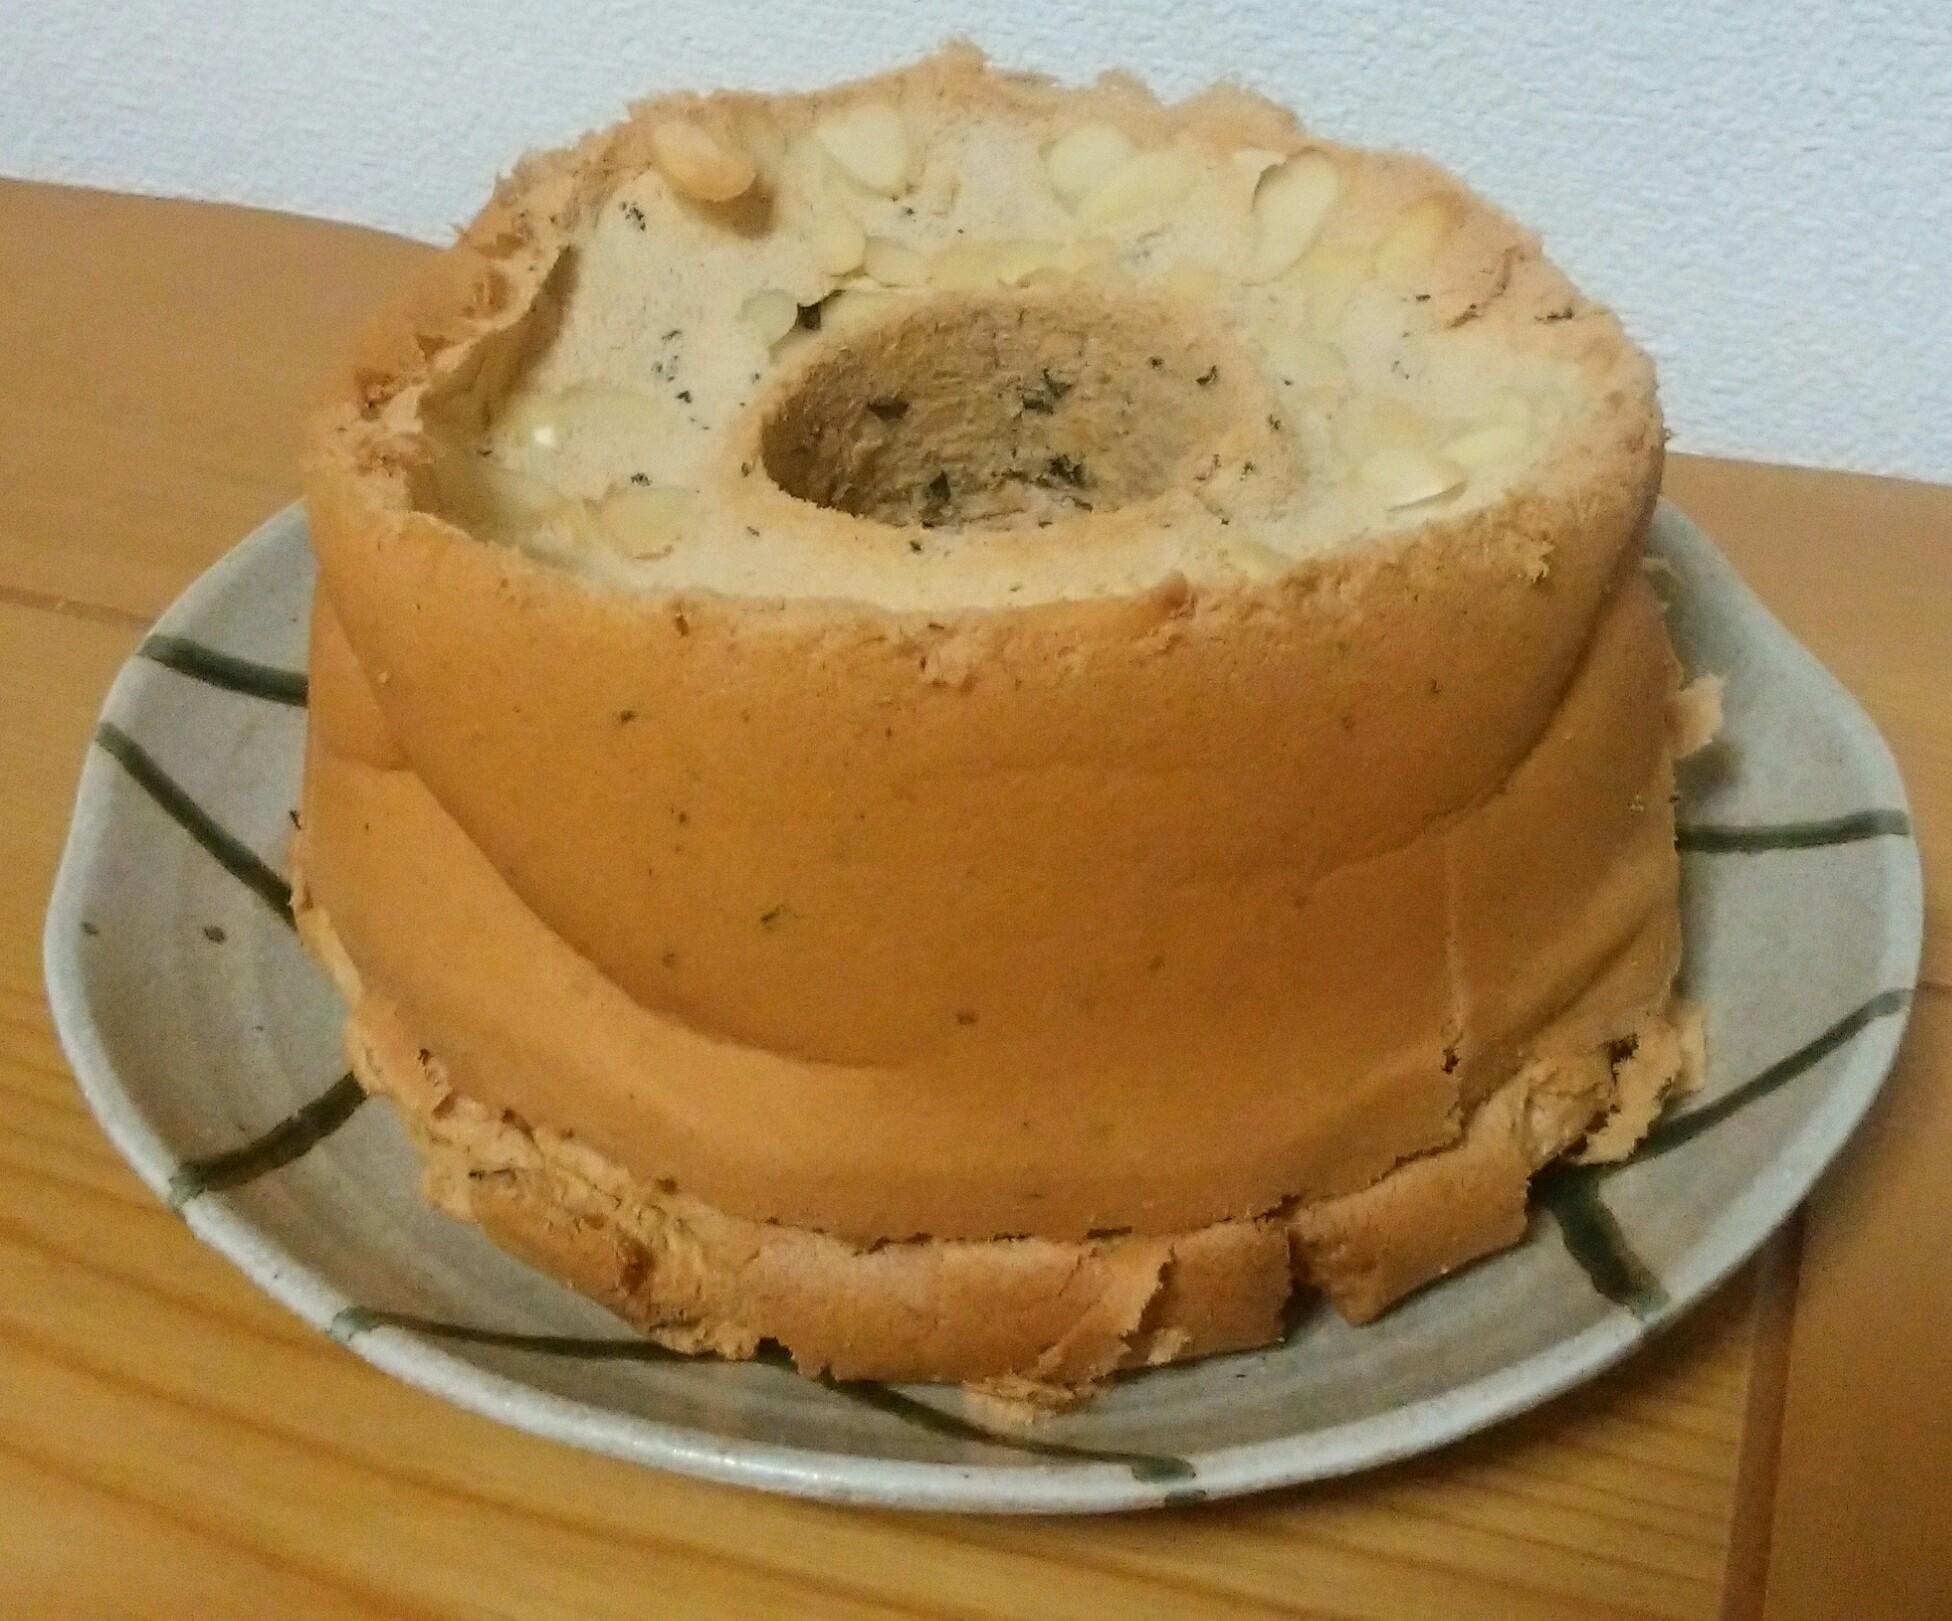 紅茶シフォンケーキを作ったら、立派な?!底上げシフォンケーキができました